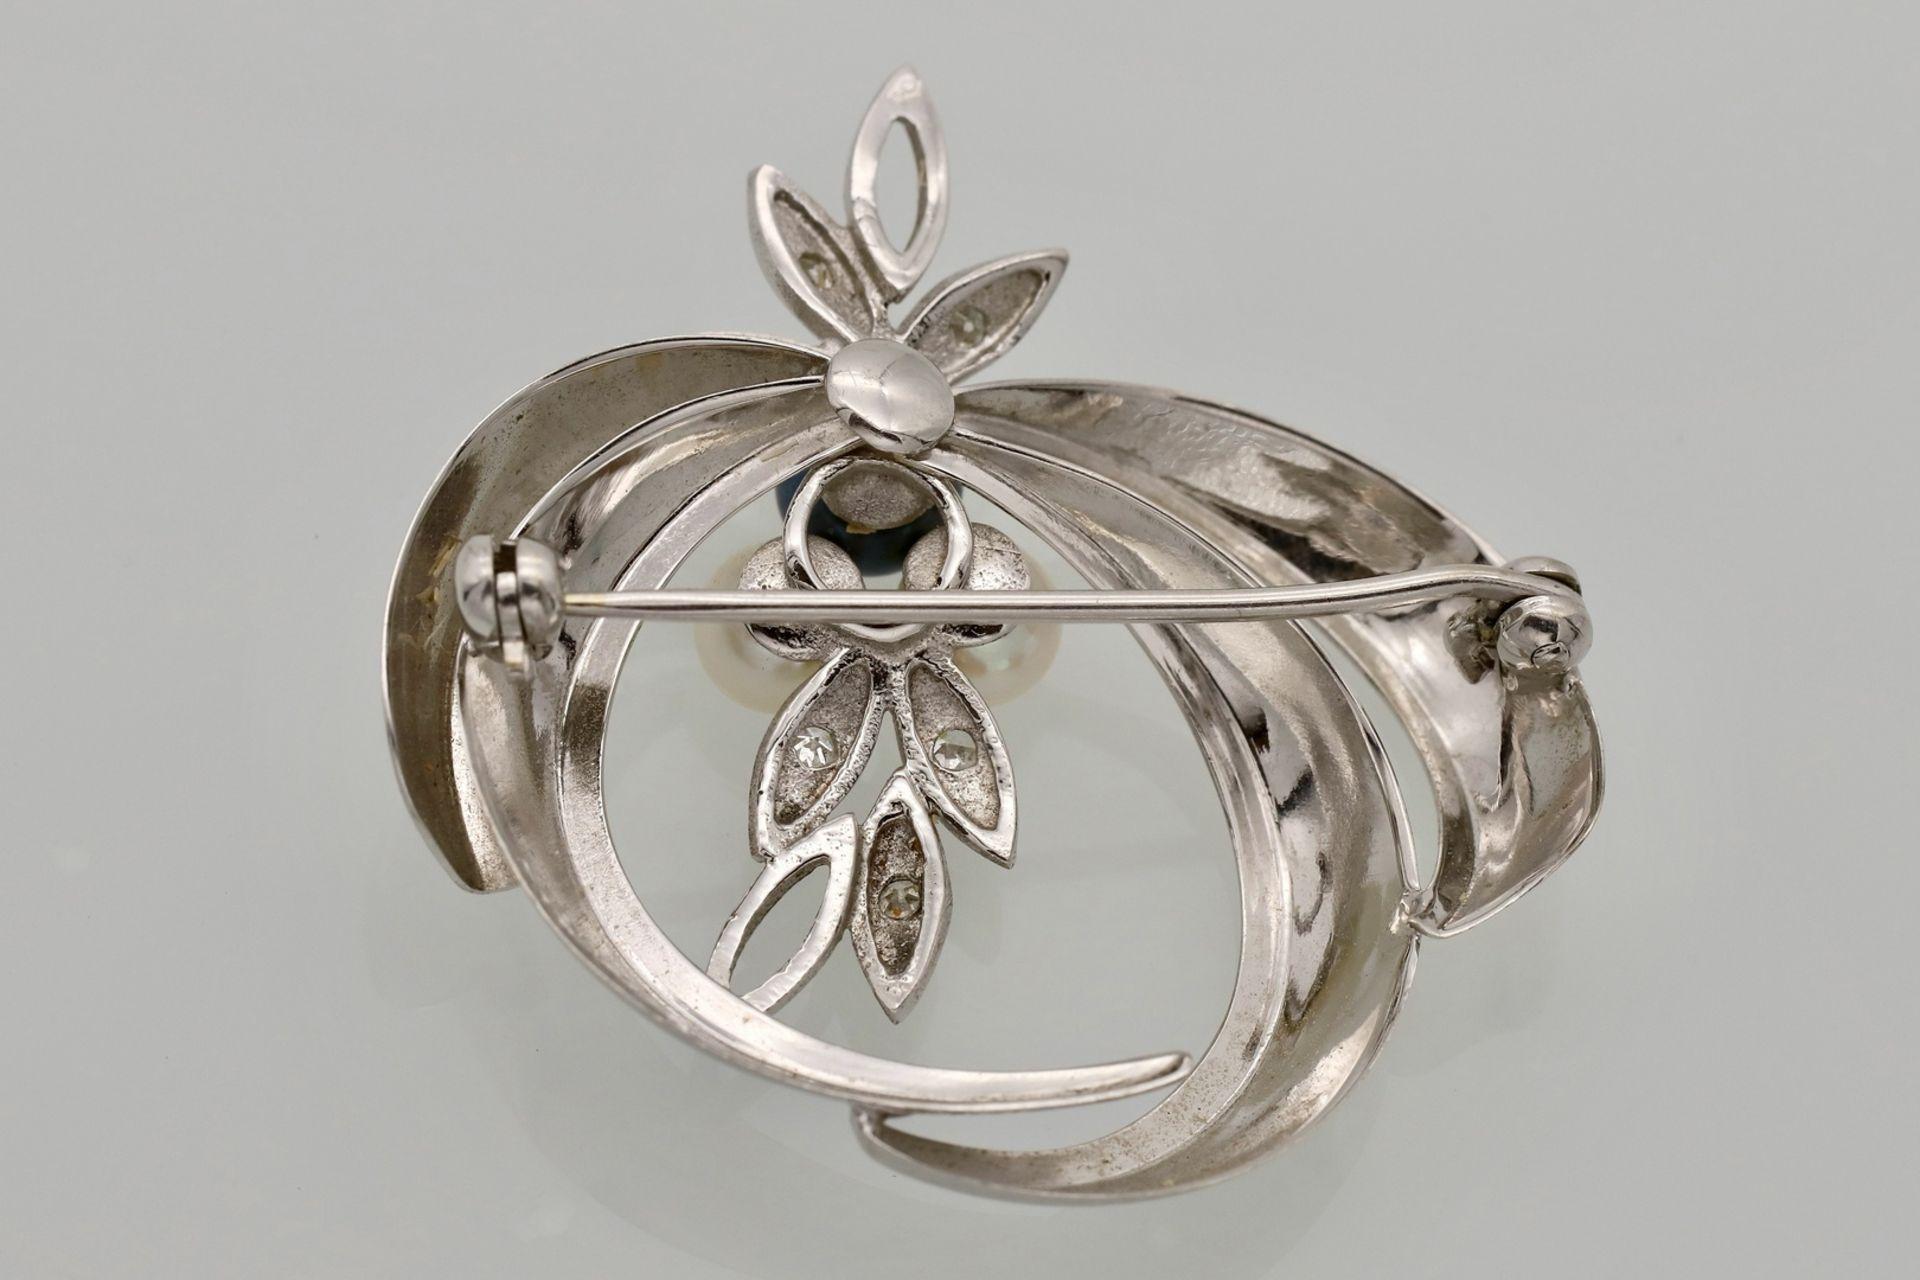 Weißgold Brosche mit Diamanten und Perlen - Bild 2 aus 2